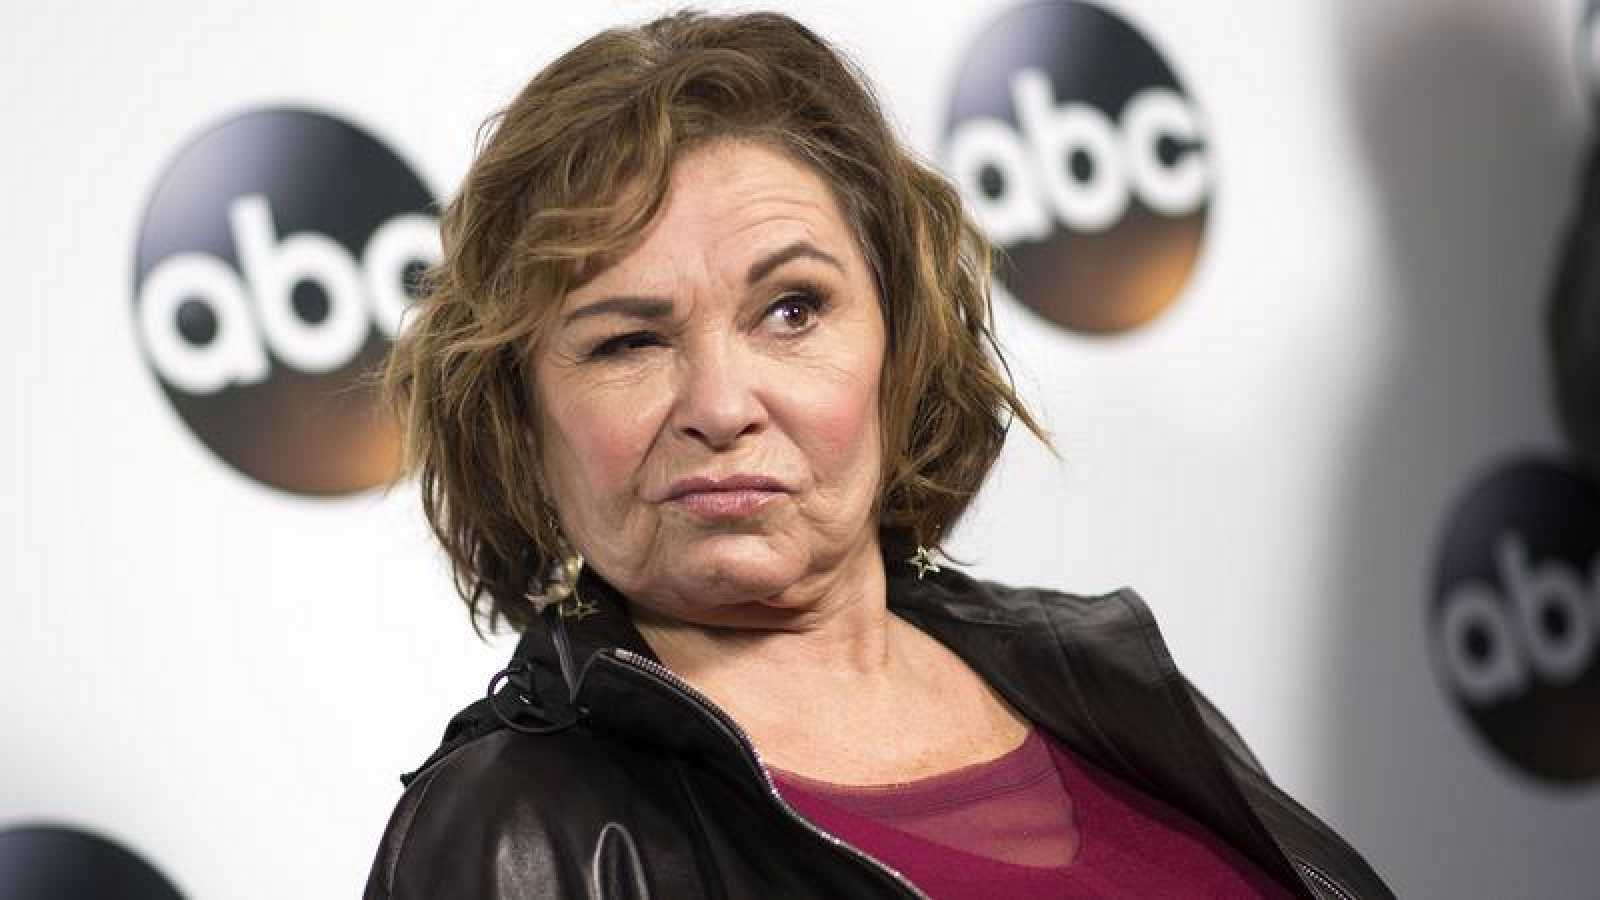 Fotografía de archivo de Roseanne Barr en un evento en Pasadena, California, en enero